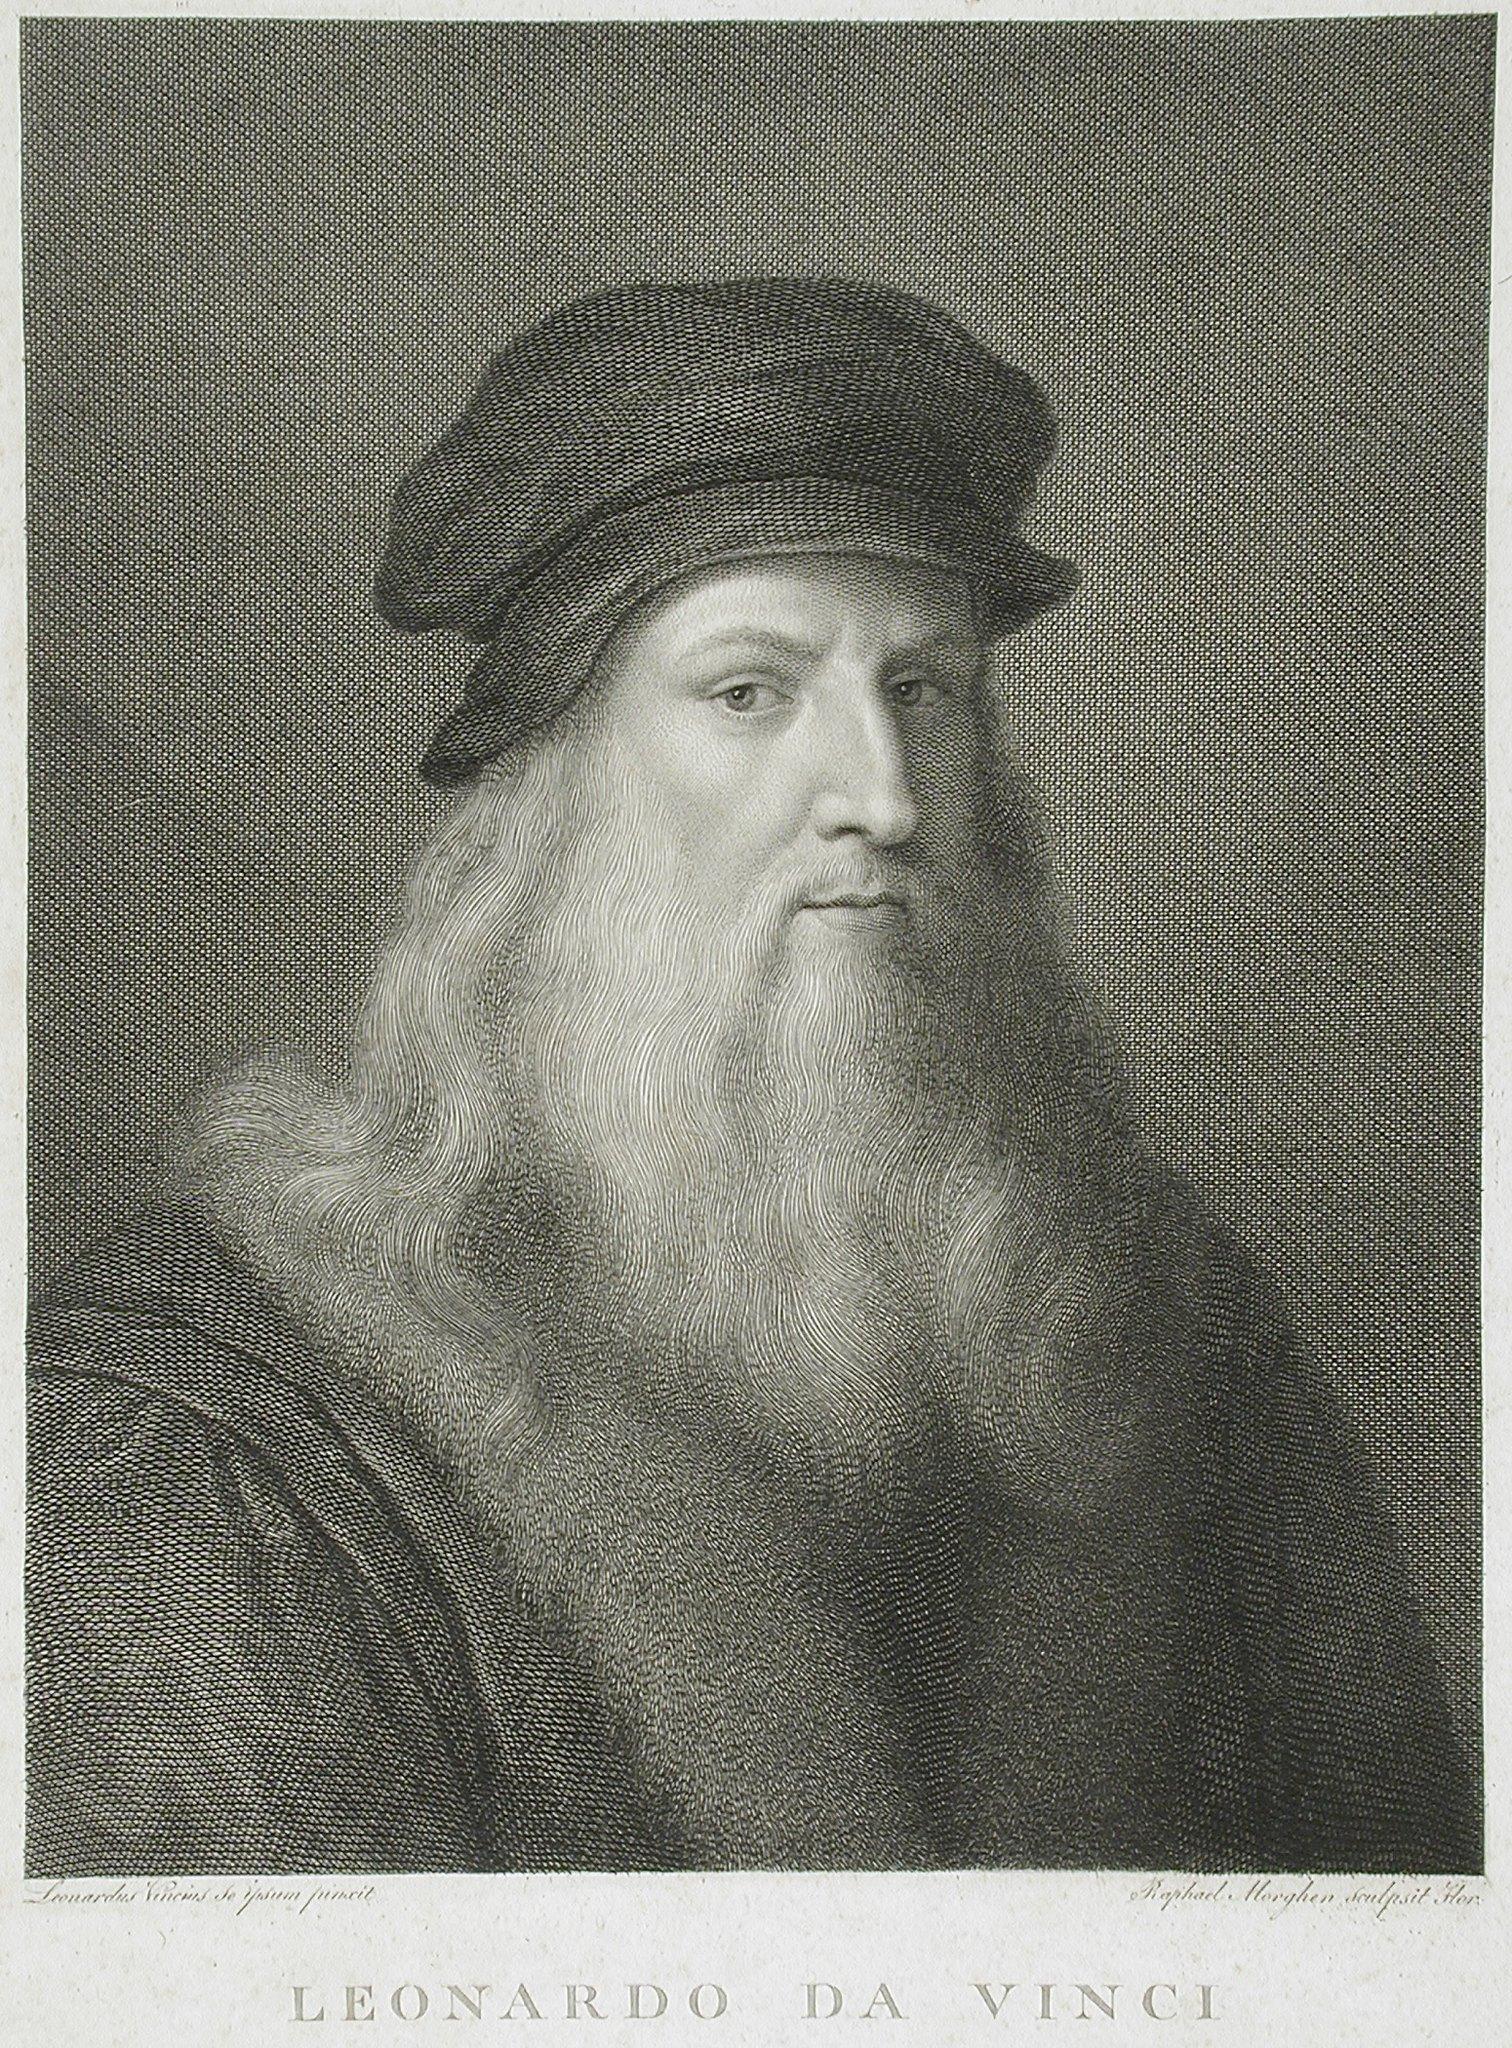 Leonardo da Vinci LACMA 19.4.22